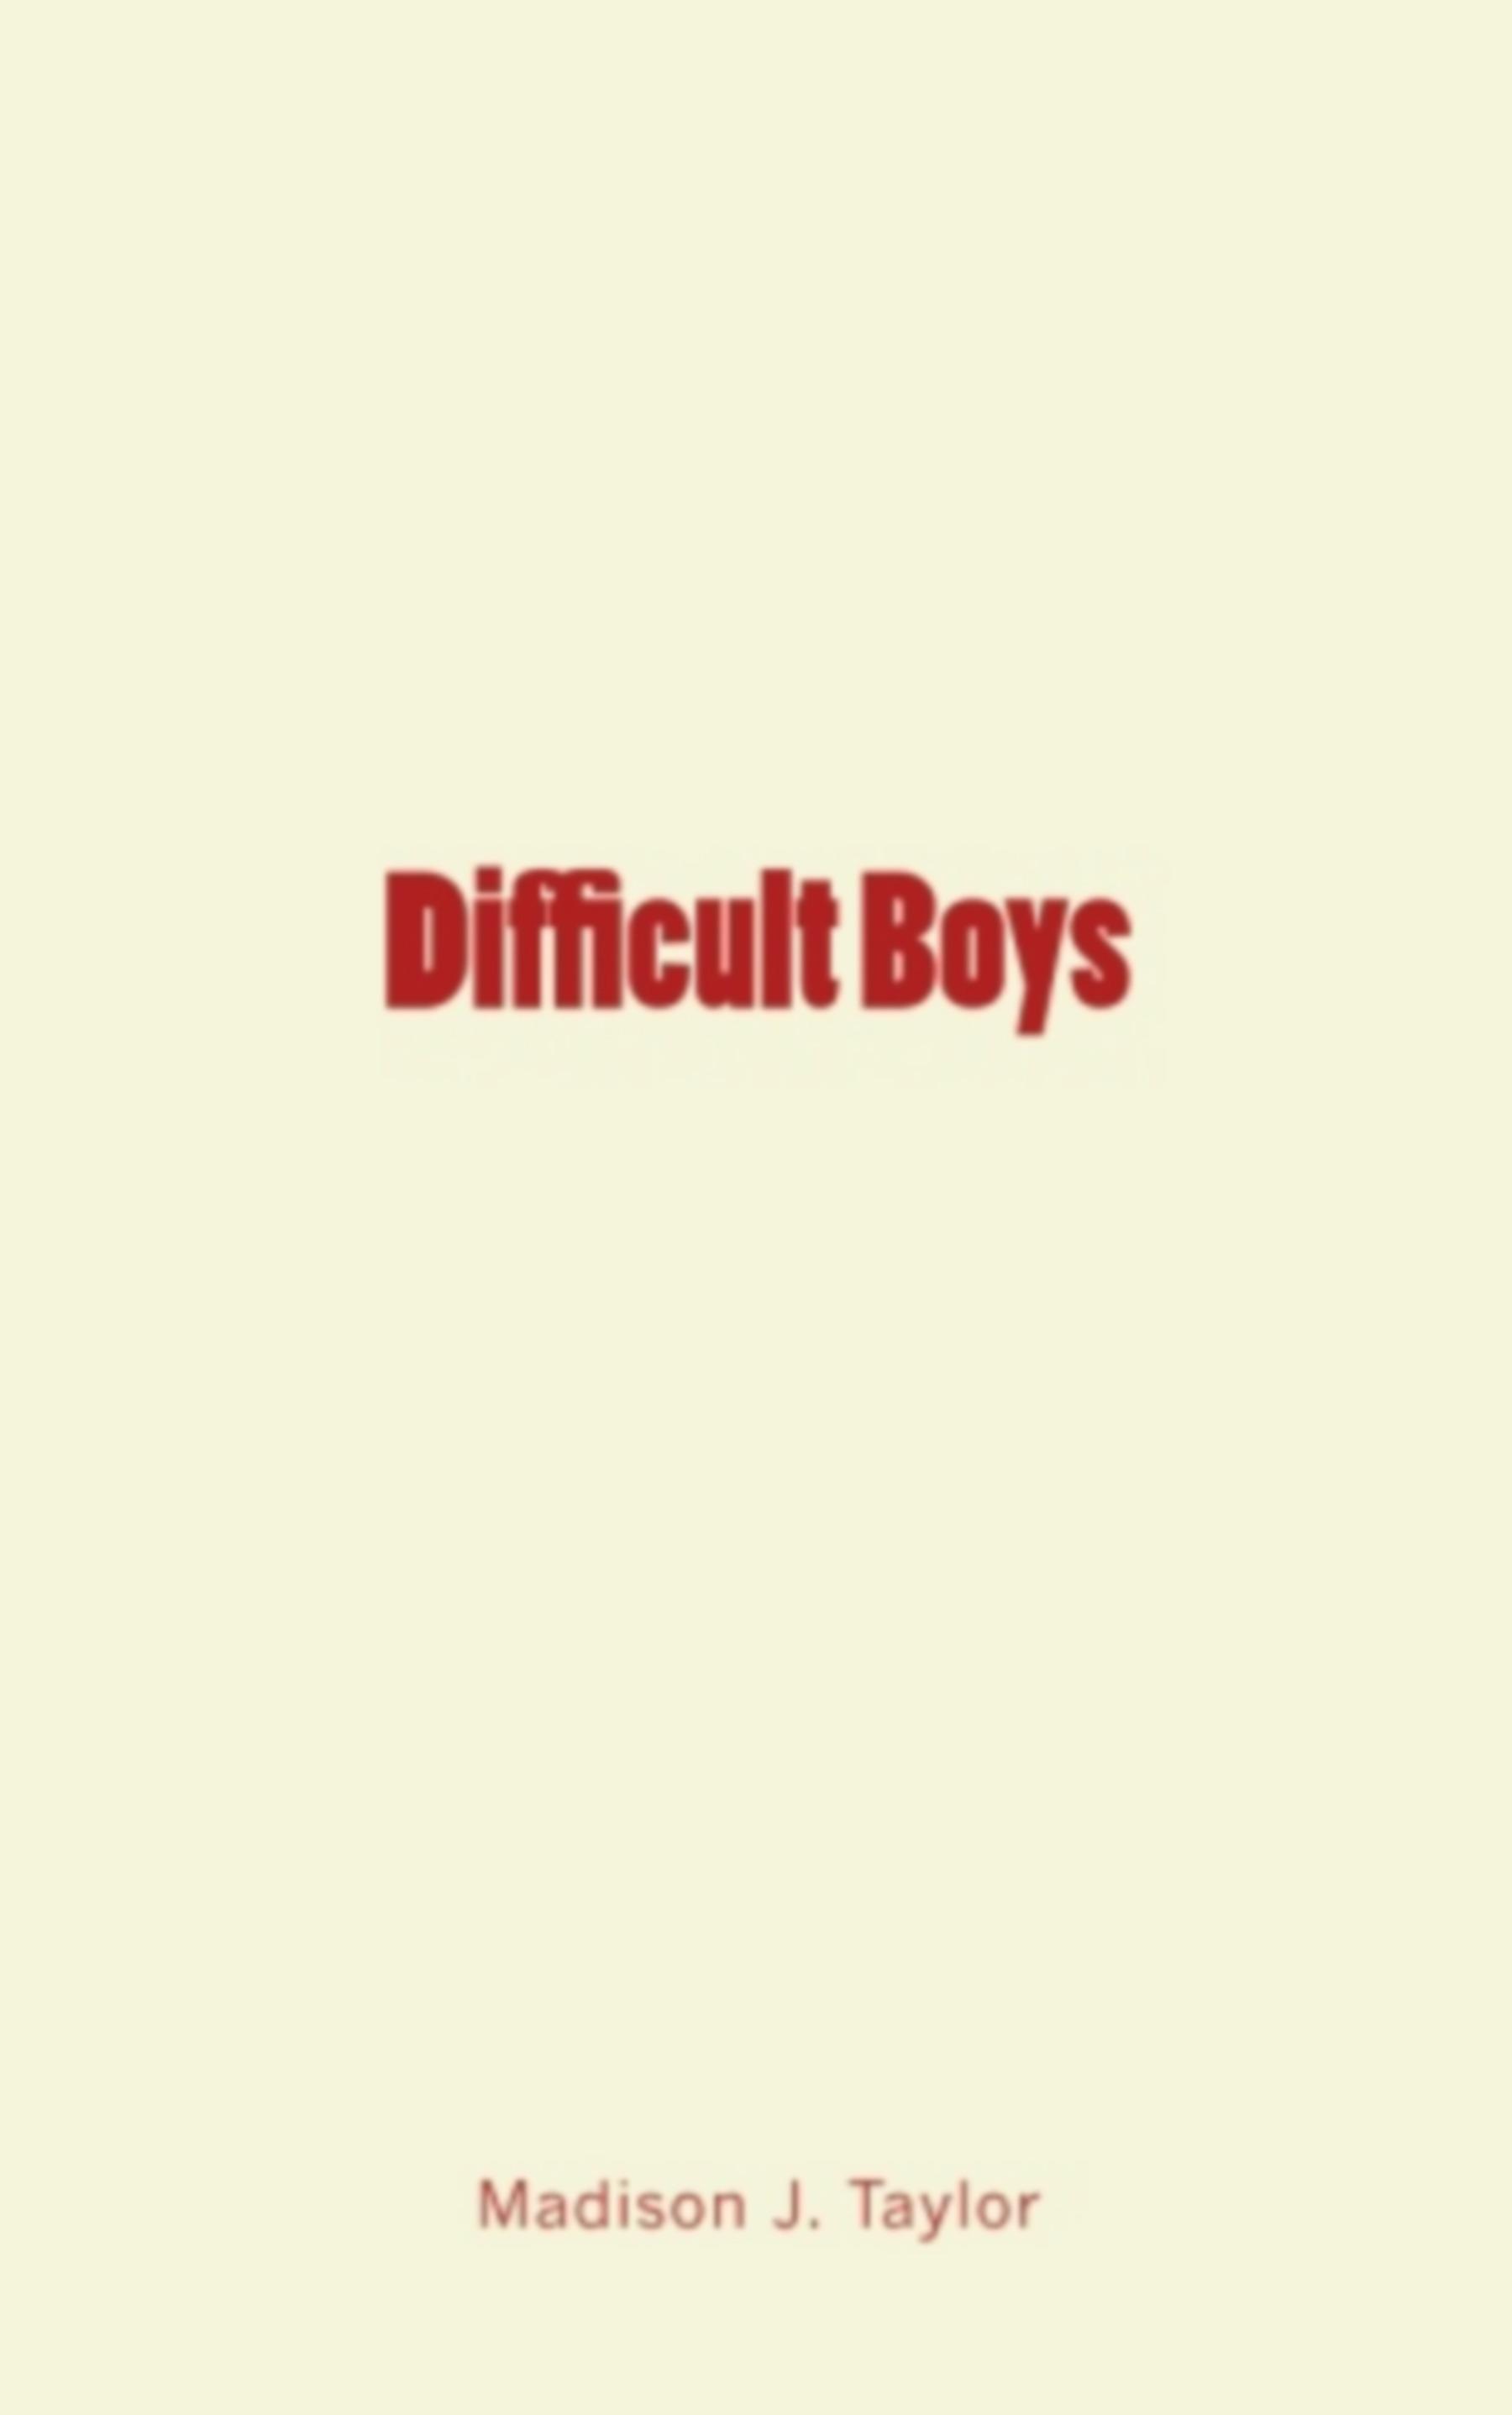 Difficult Boys